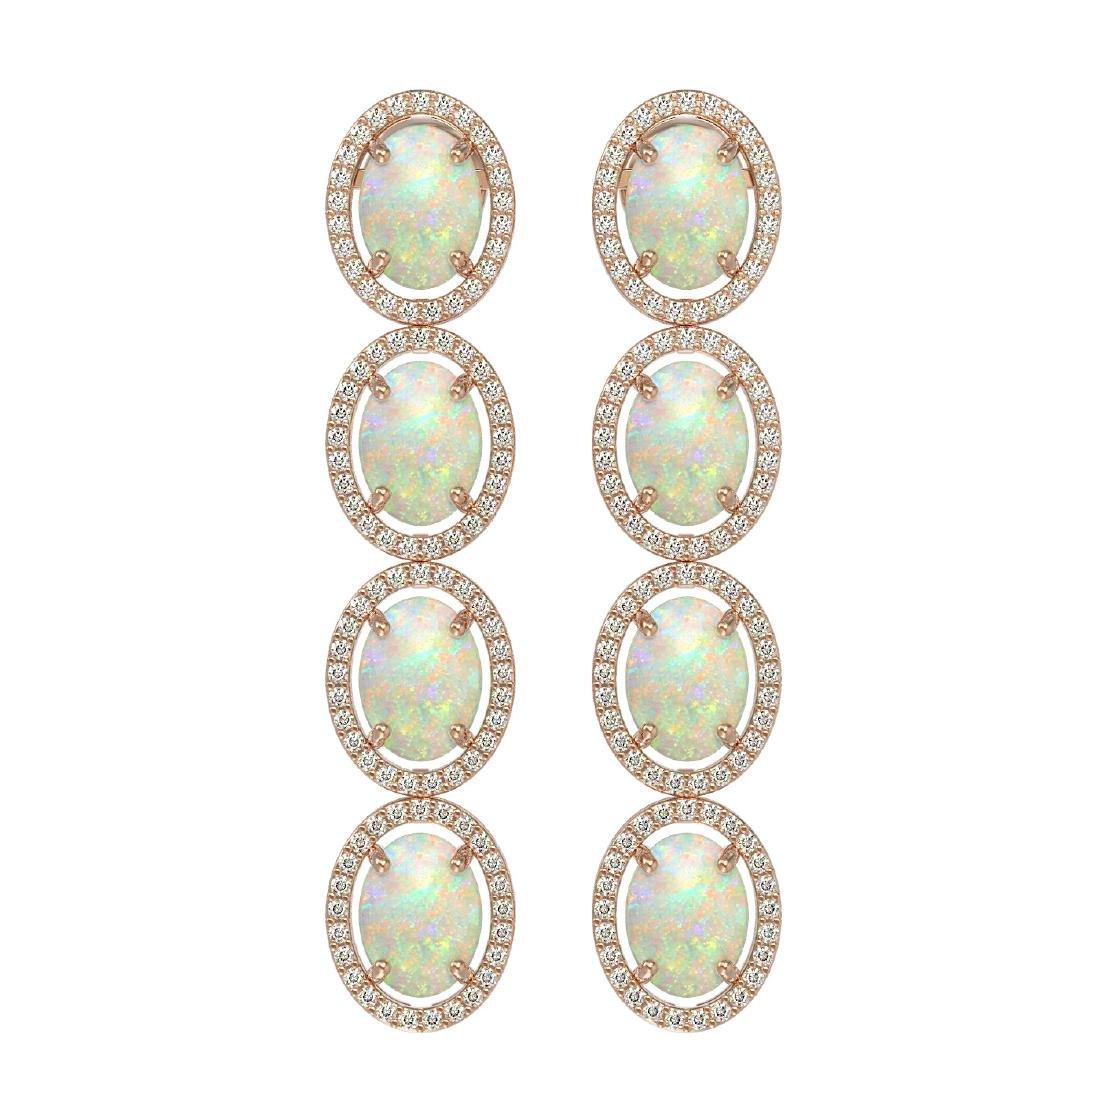 9.16 CTW Opal & Diamond Halo Earrings 10K Rose Gold